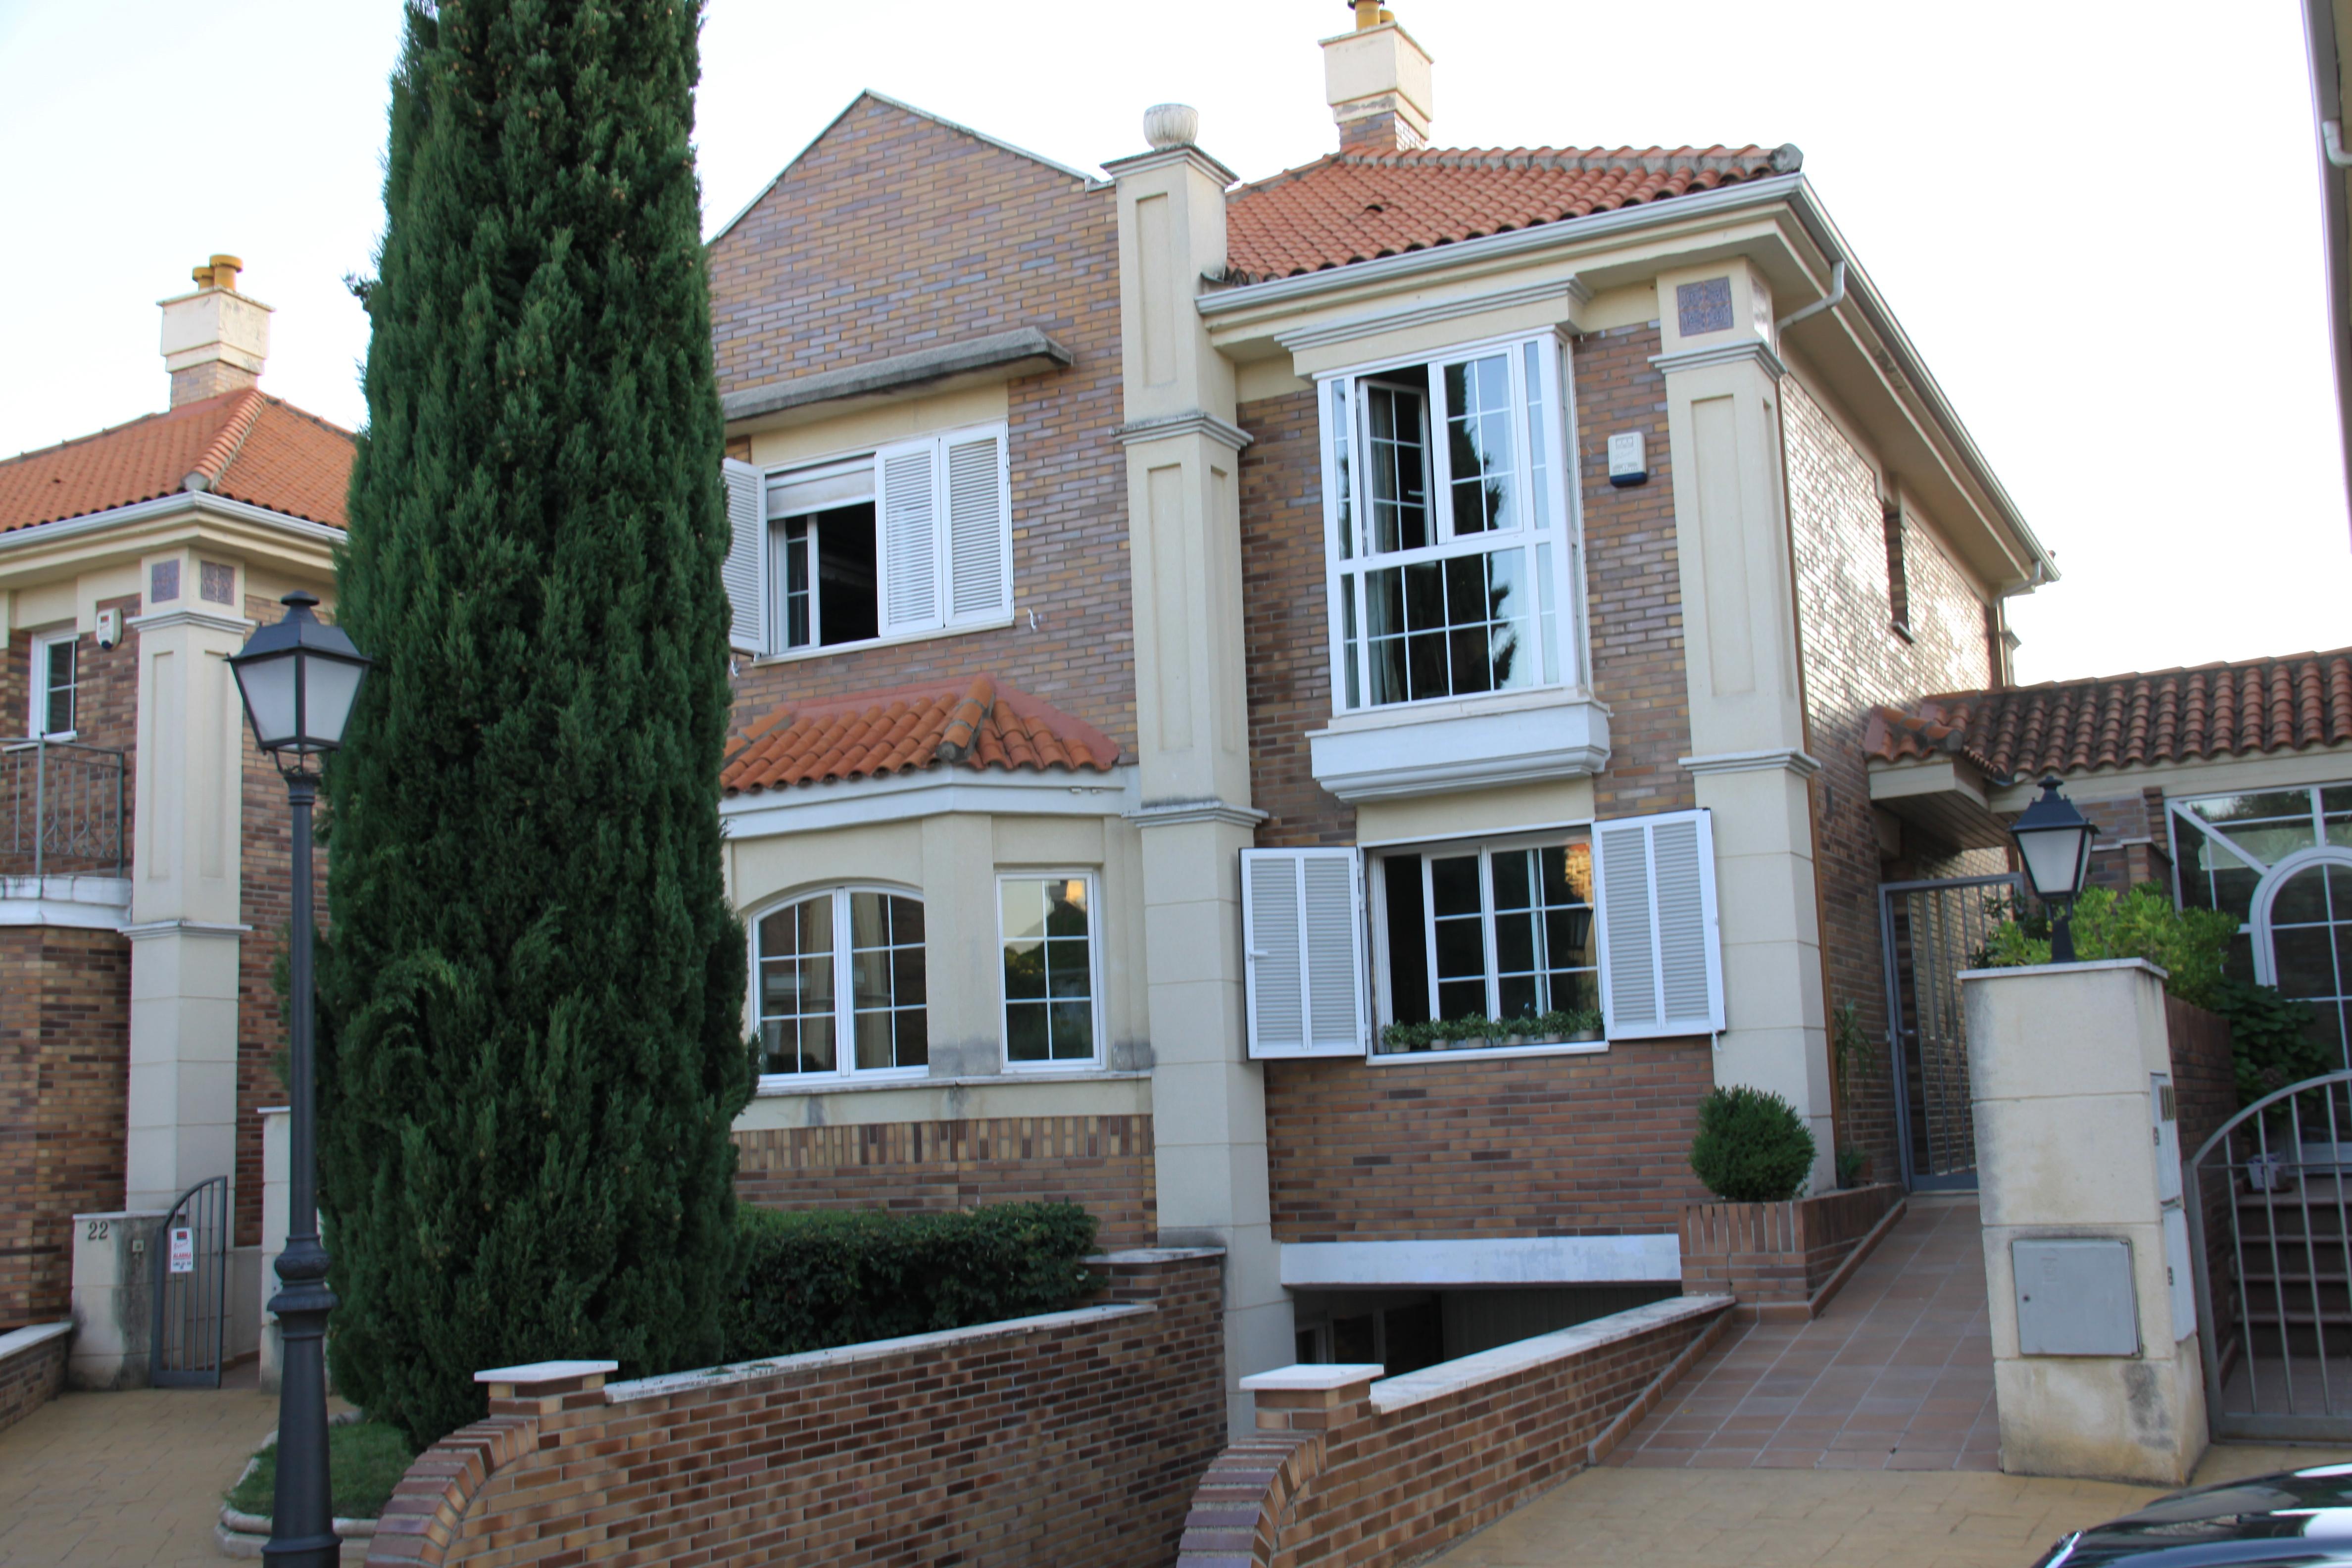 M k villa monterrozas madrid hispaania calle alimoche - Molino de la hoz ...